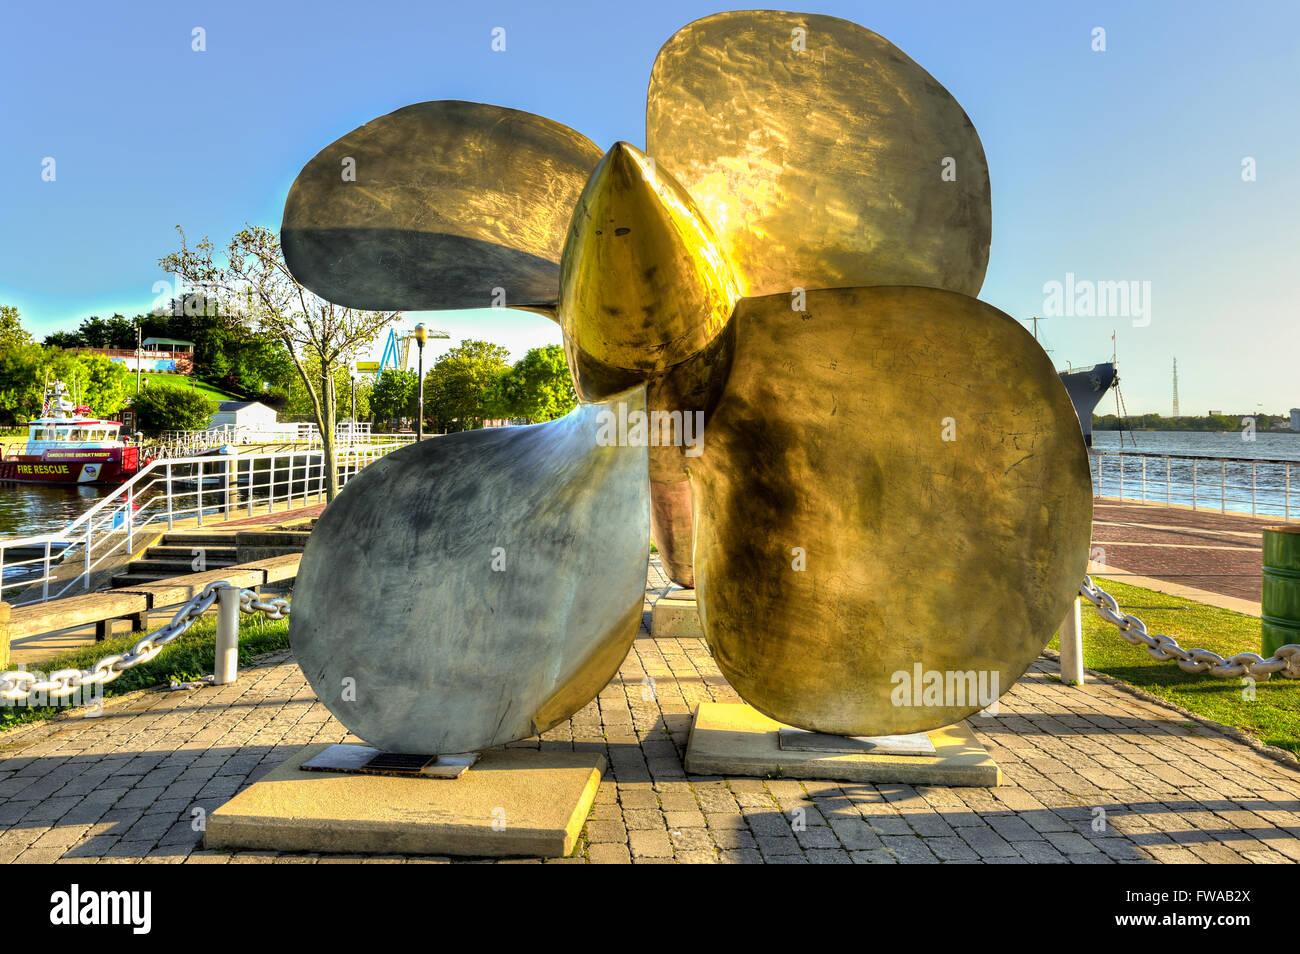 Gigantische goldene Propeller im hellen Sonnenlicht Stockbild